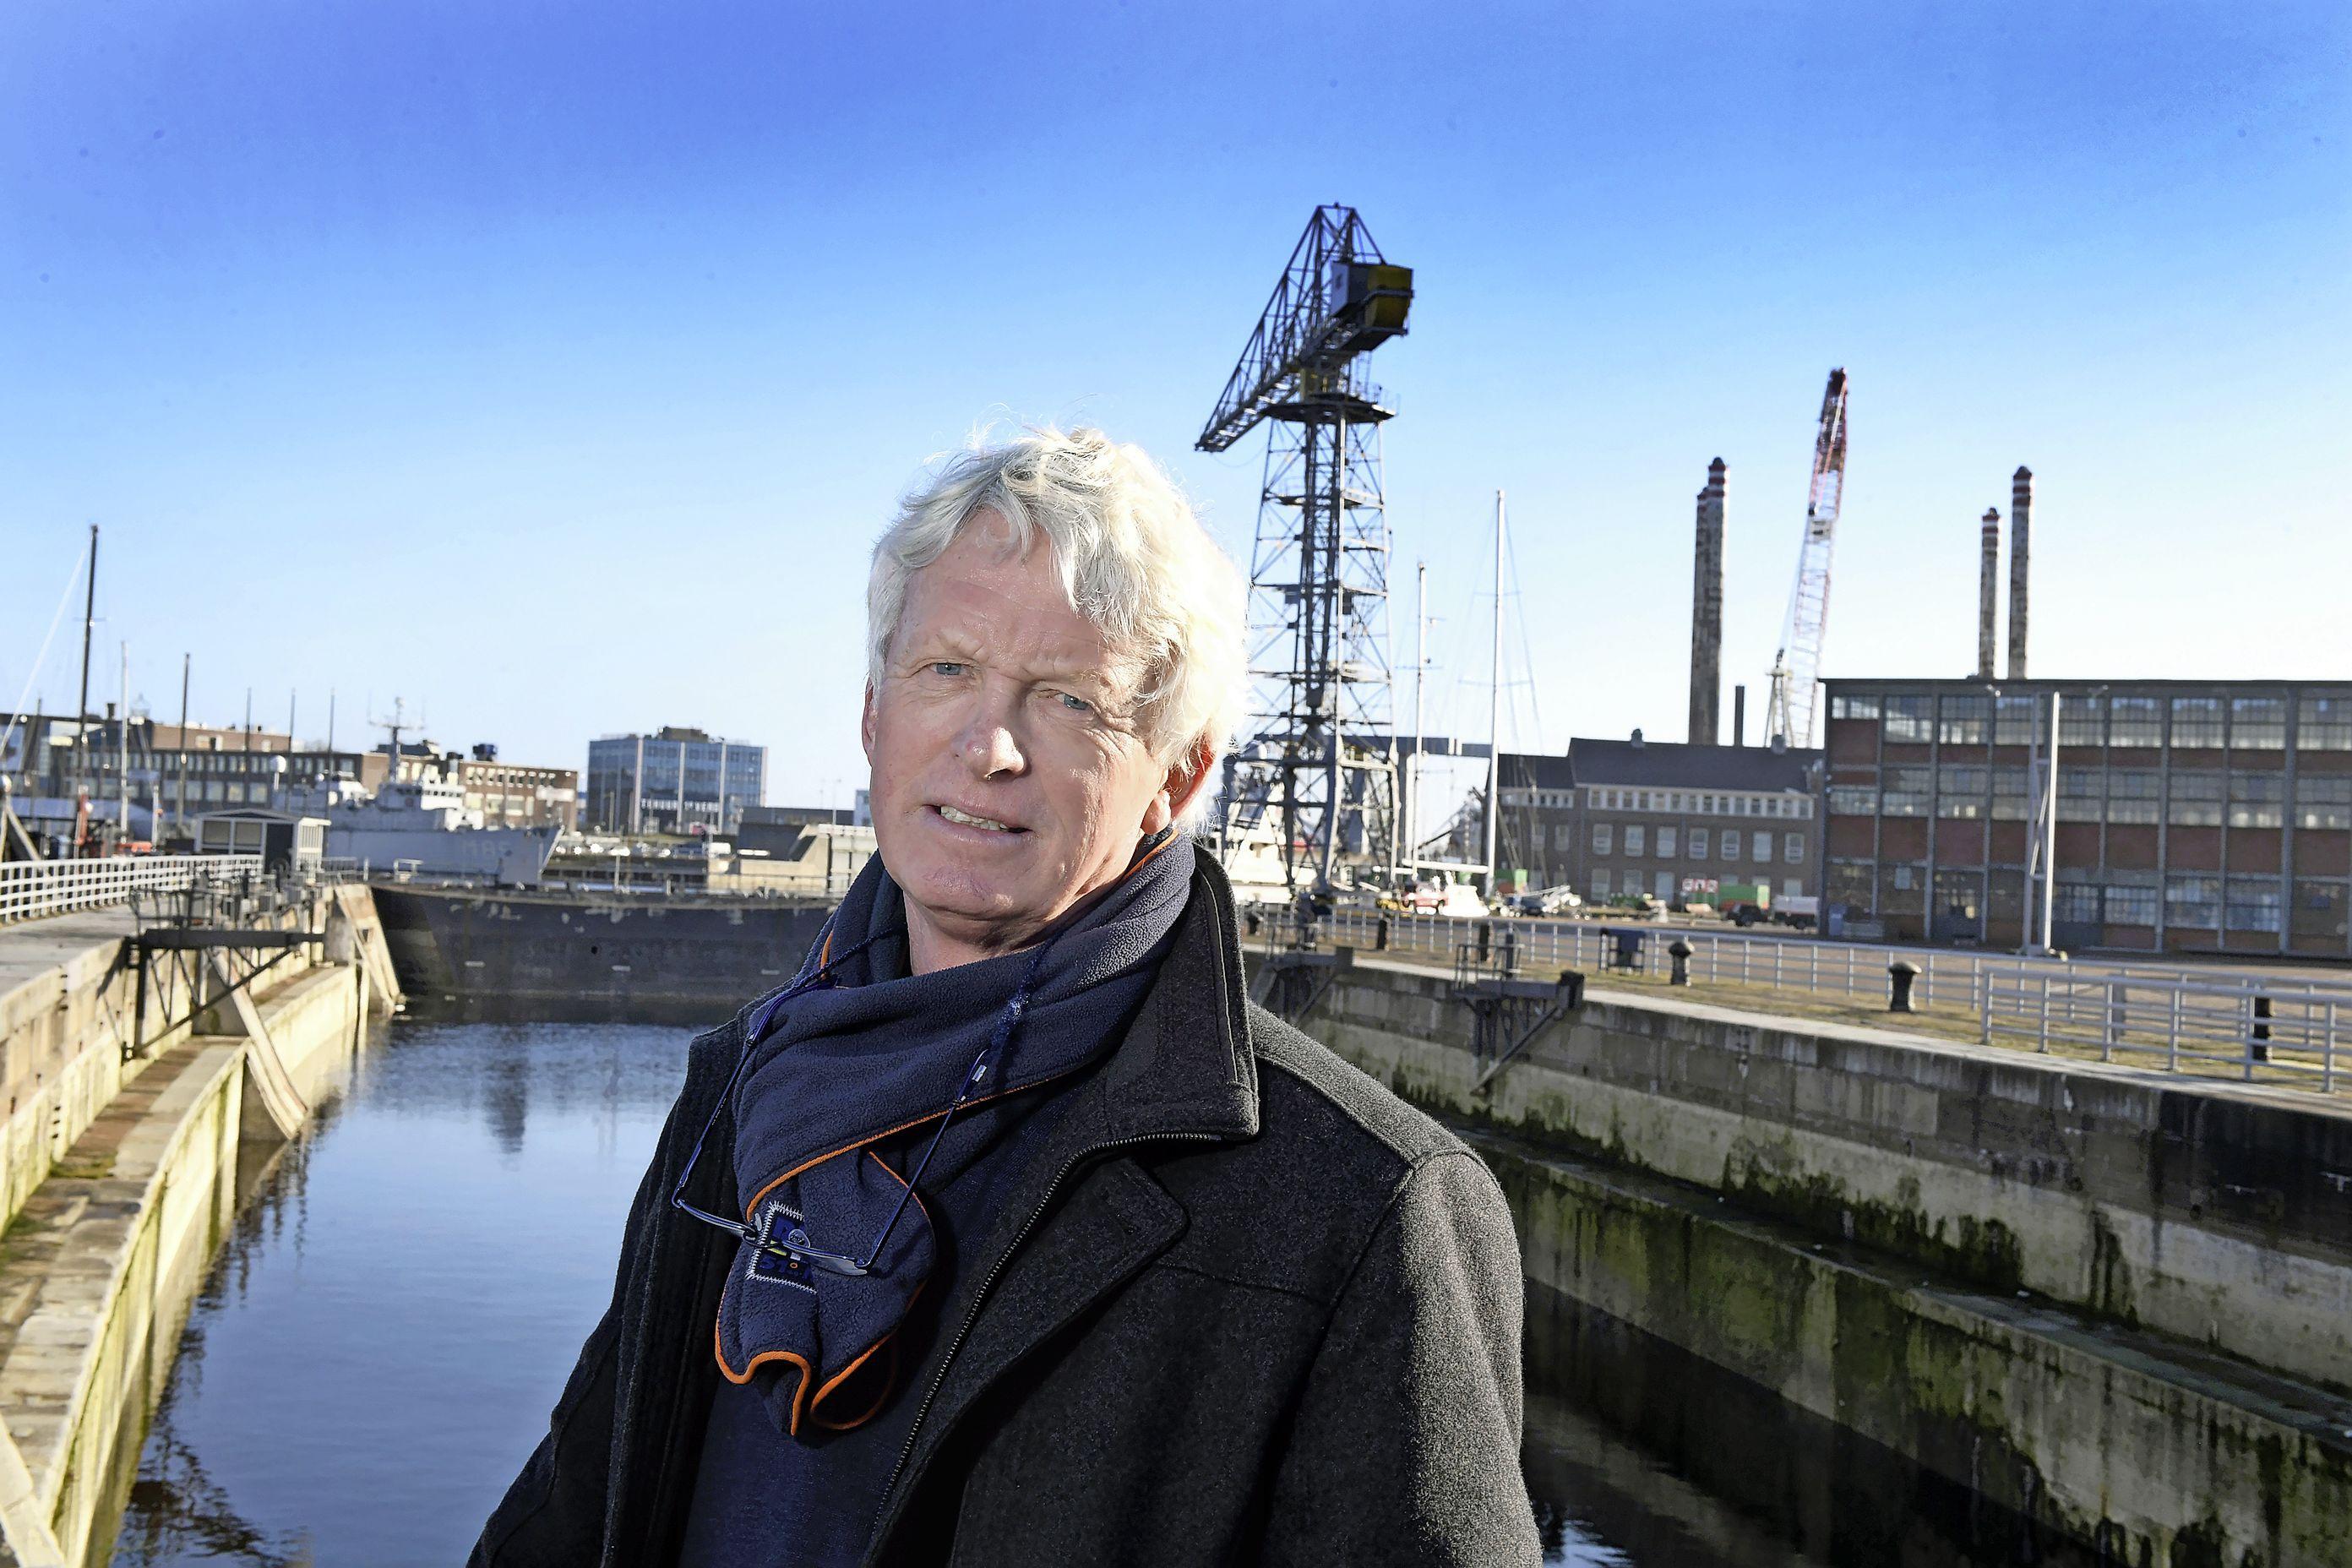 Het stadhuisplan heeft geen effect op de bedrijfsvoering van scheepswerf Damen Shipyards Den Helder, zegt het college. Dat stelt de oppositie echter niet gerust: 'Geen enkele reden om de extra raadsvergadering af te blazen'